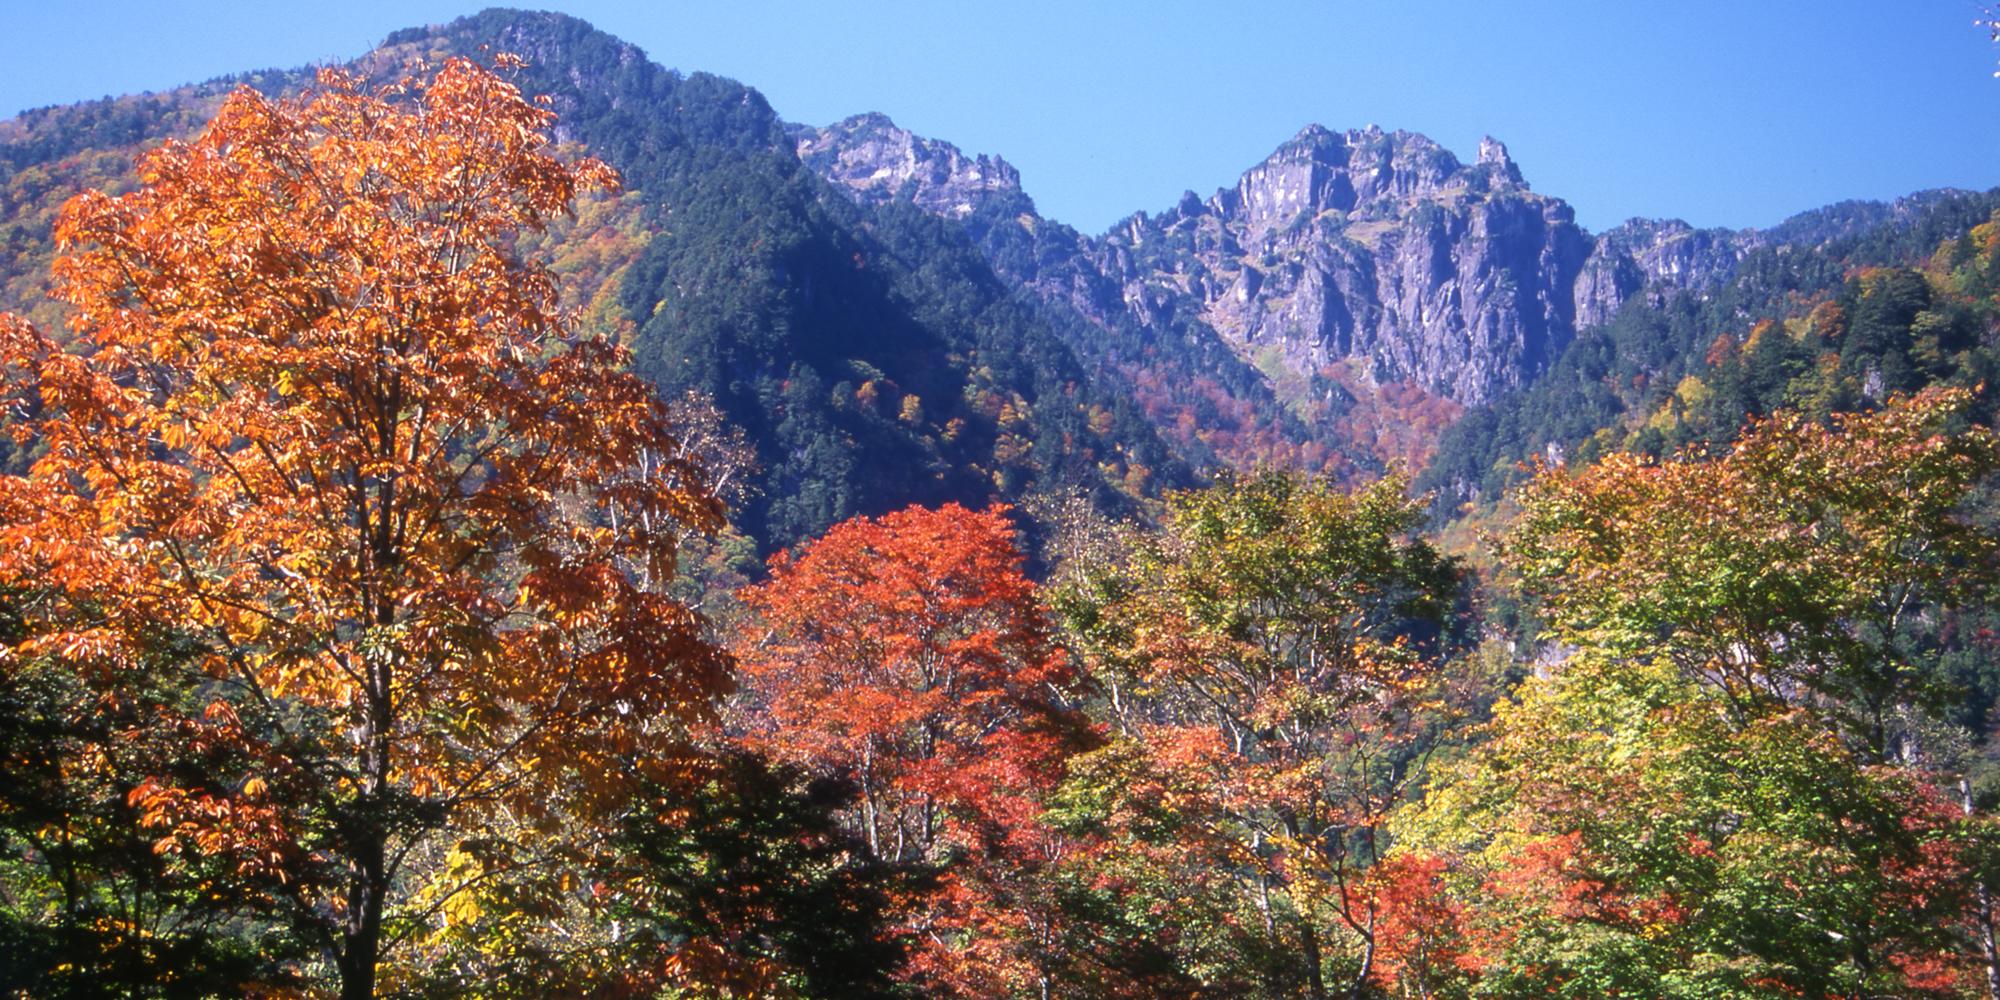 高原の澄んだ空気と清廉な水